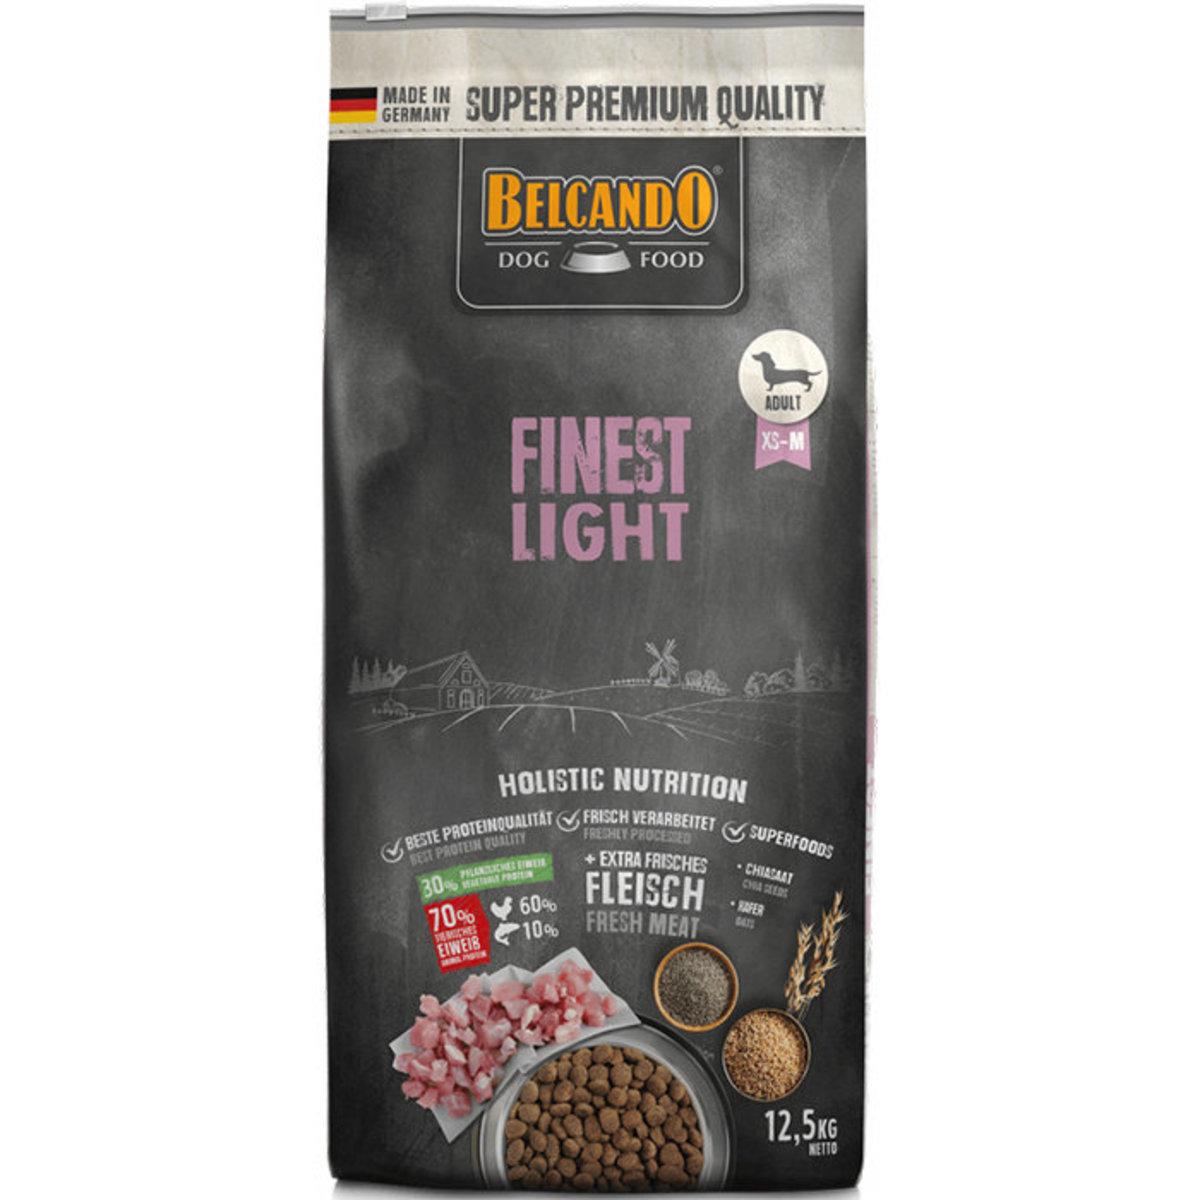 Finest Light Formula Dry Dog Food 12.5kg